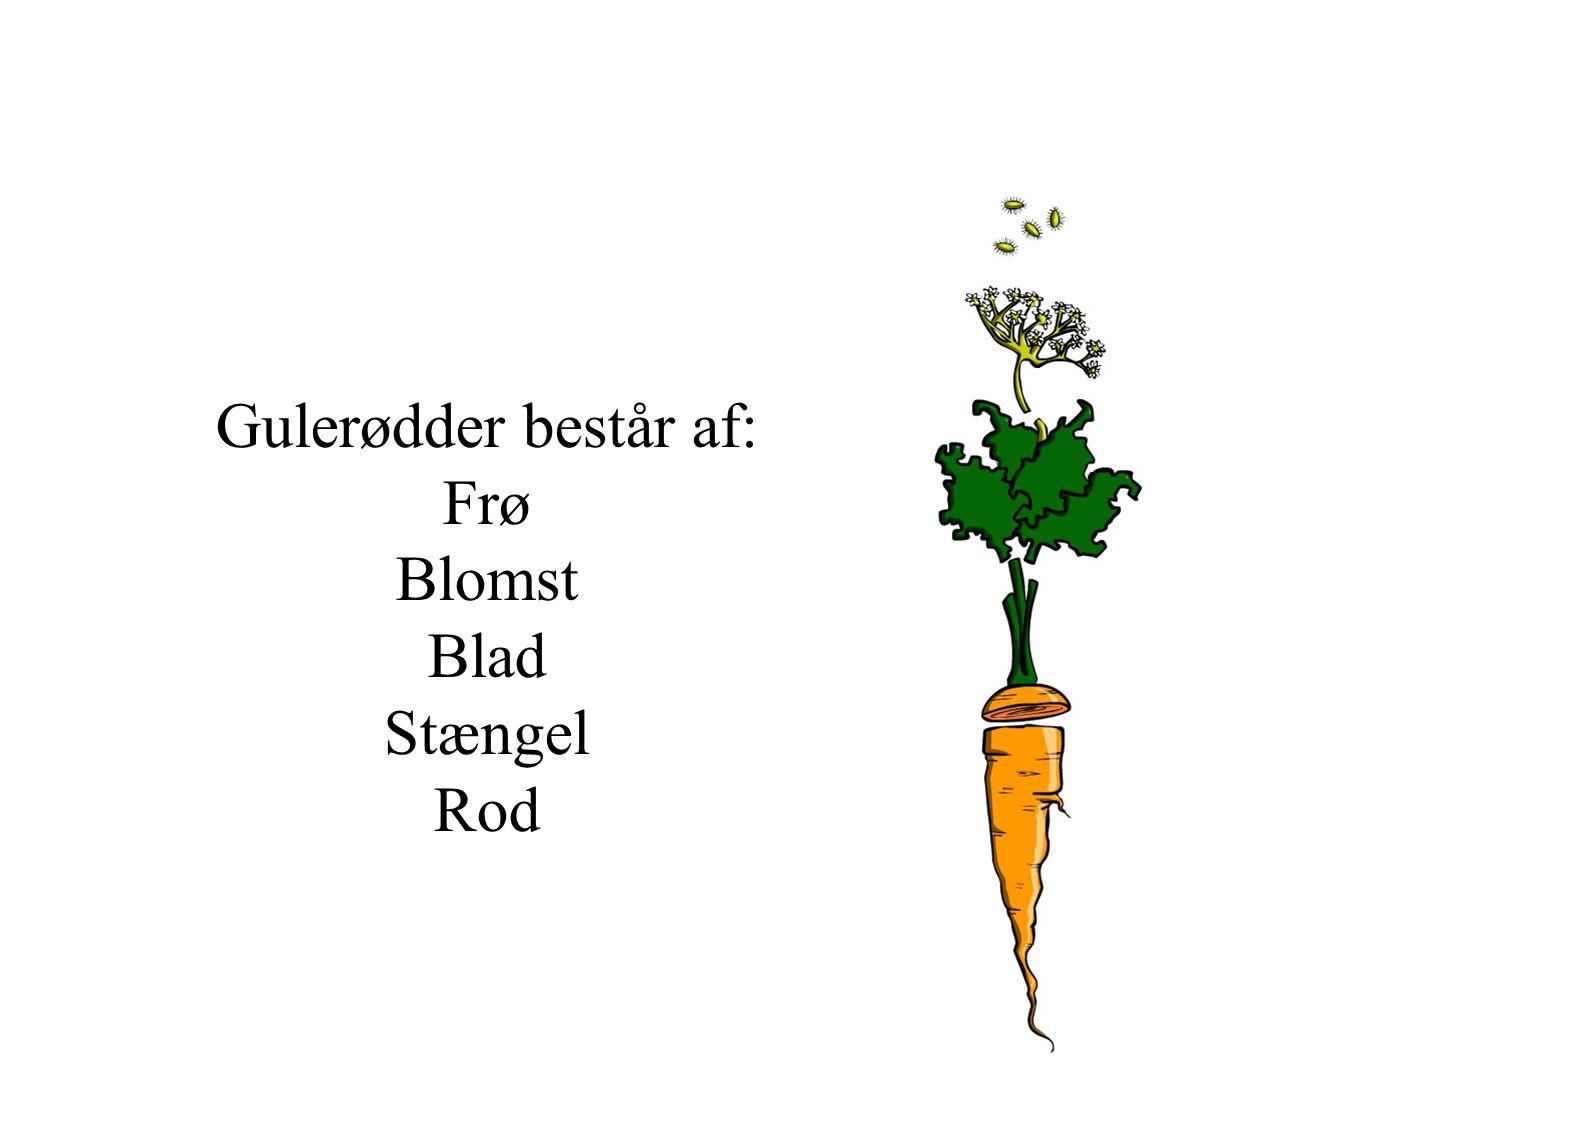 Gulerødder består af: Frø Blomst Blad Stængel Rod